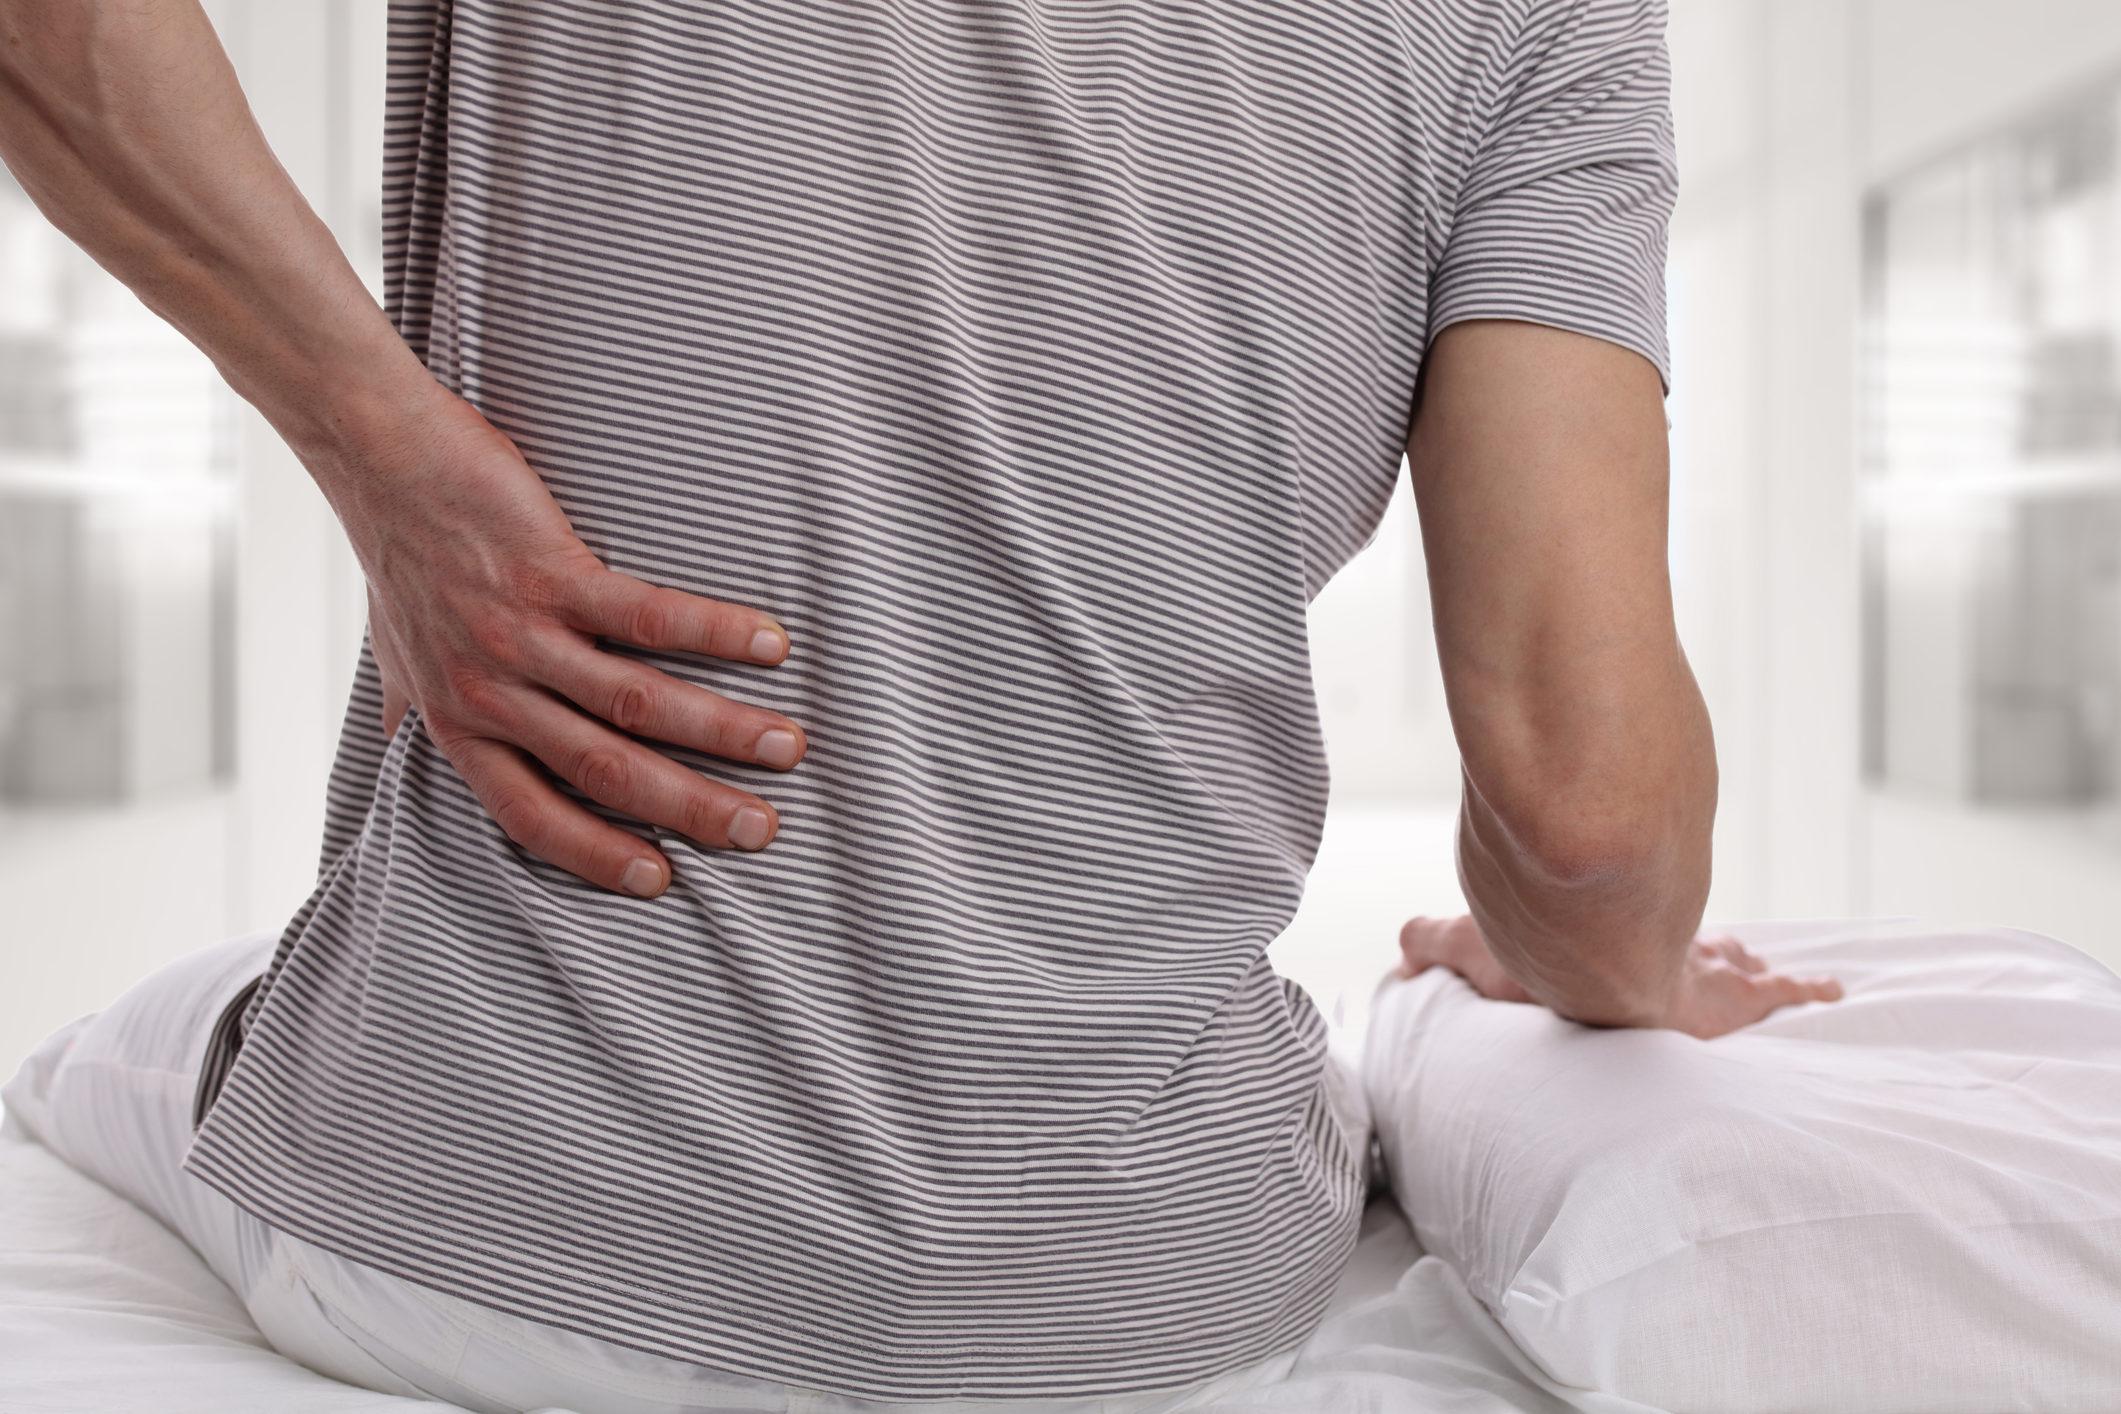 The Best Mattresses for Back Pain - Mattress Advisor